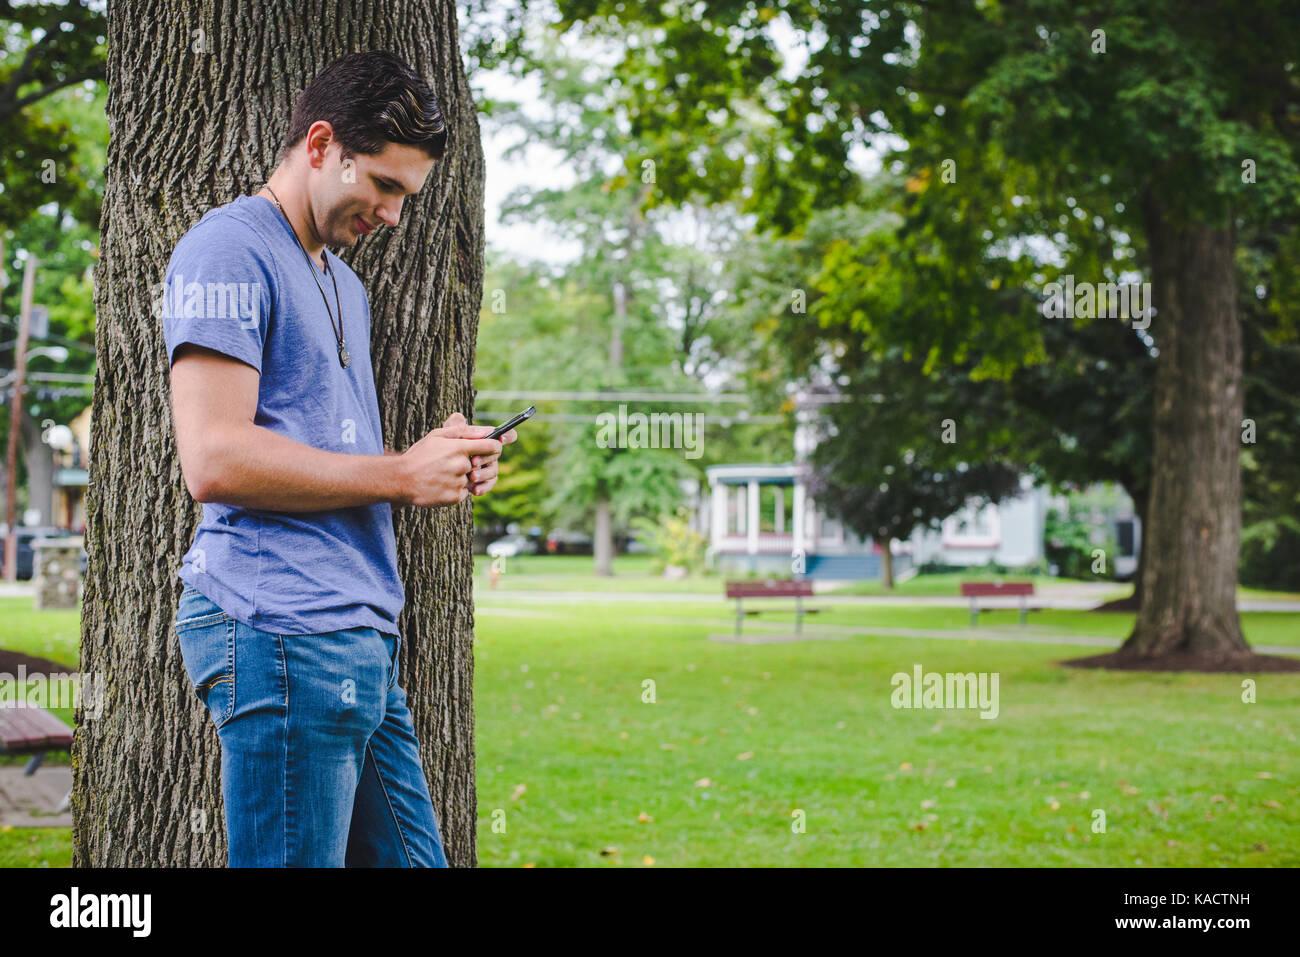 Un jeune homme regarde son téléphone cellulaire alors qu'appuyé contre un arbre dans un parc. Photo Stock